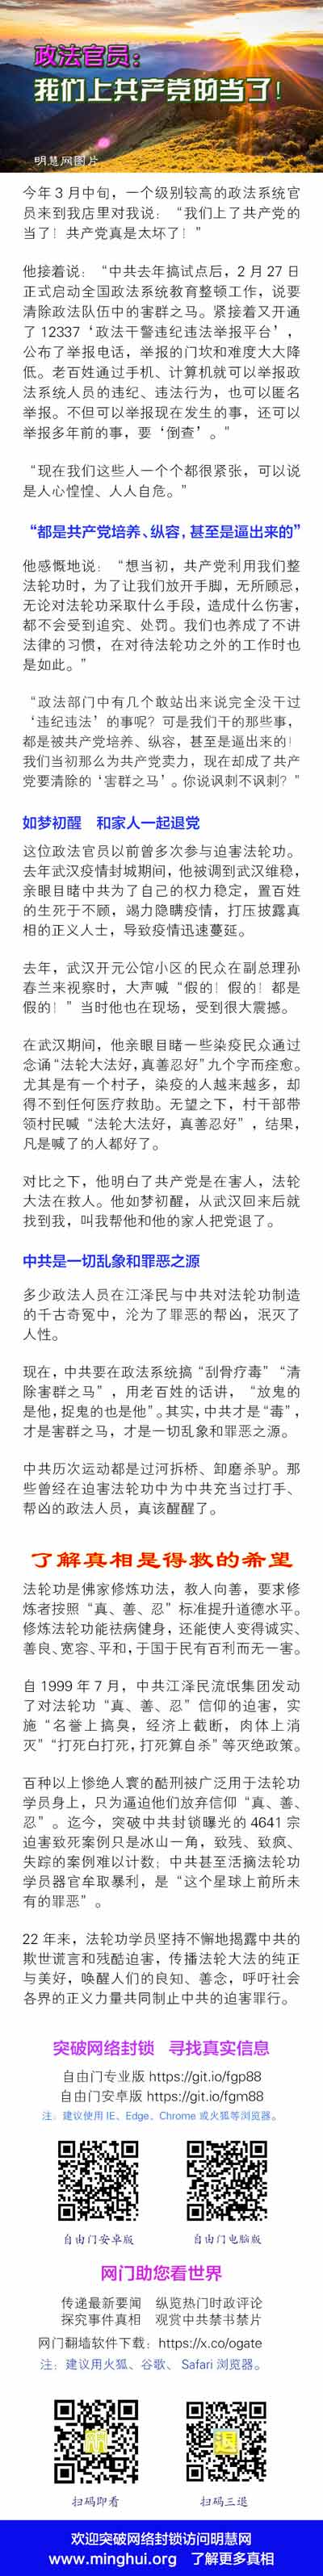 (2021年05月24日) 手机图片:政法官员:我们上共产党的当了